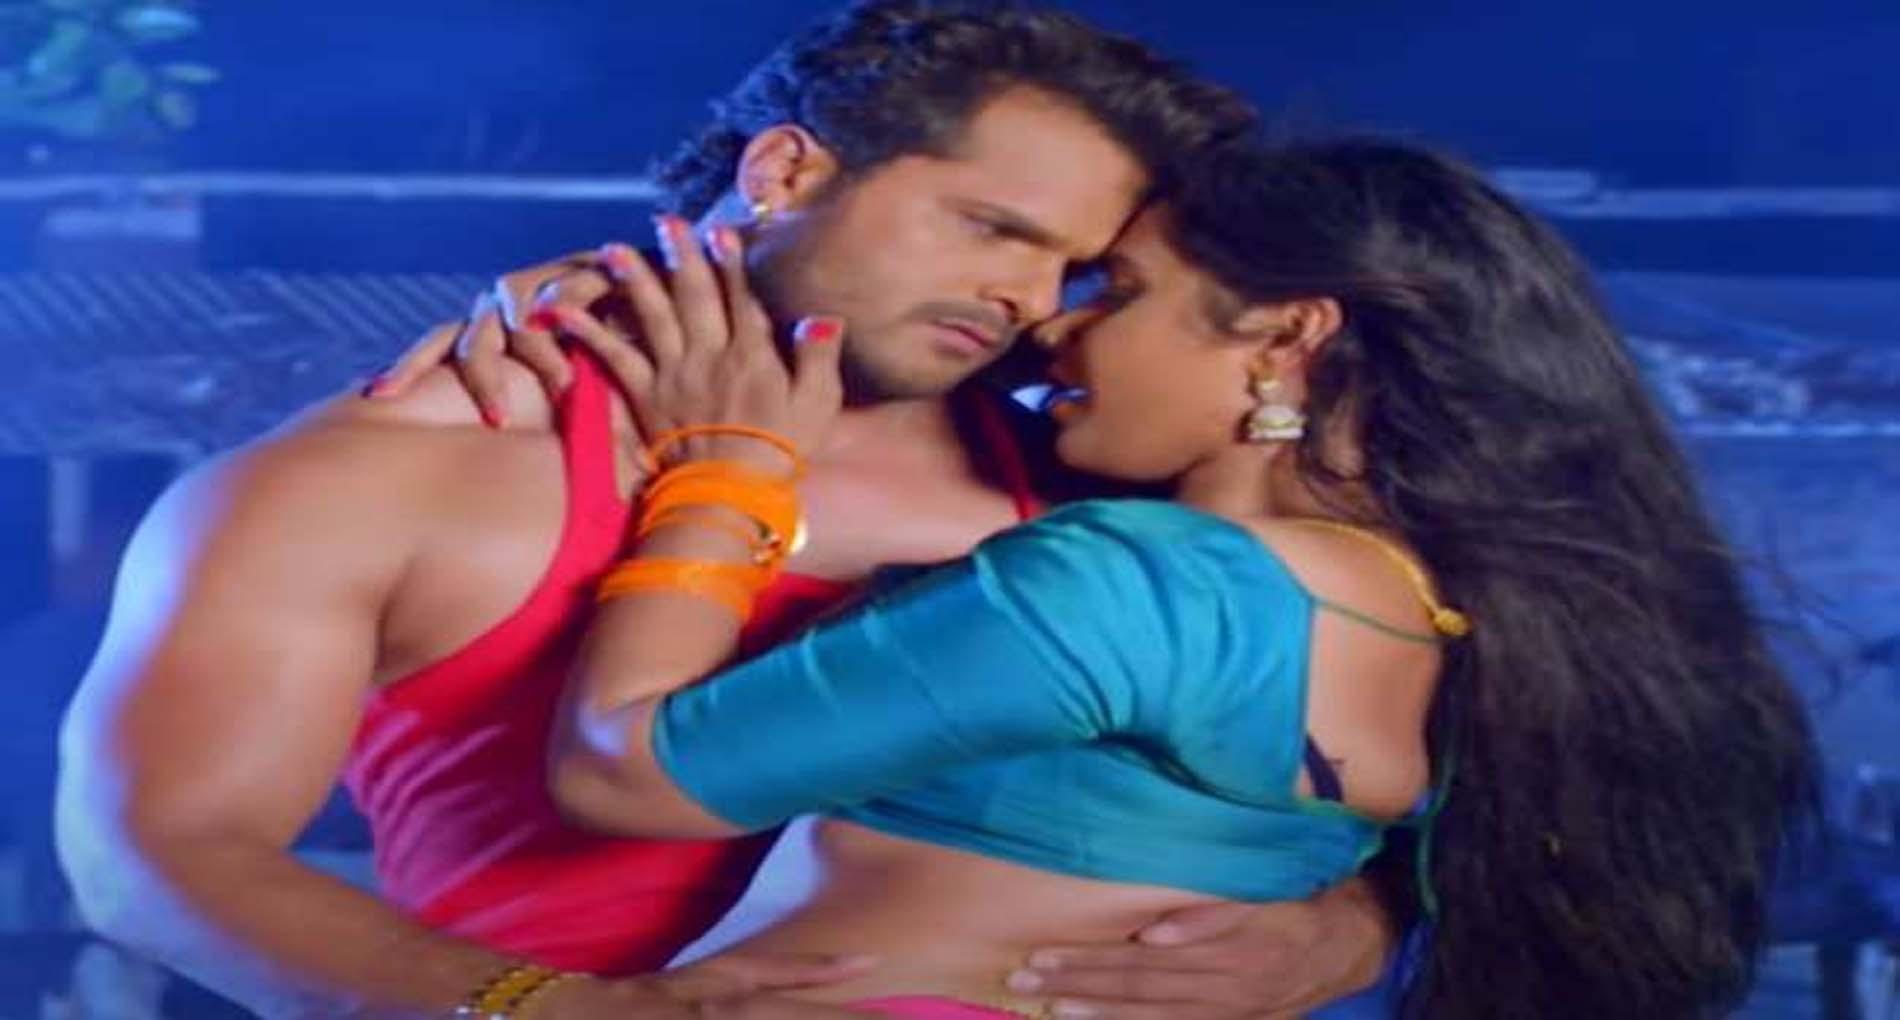 खेसारी लाल और काजल राघवानी का गाना 'छेड़ा न पिया' हुआ हिट, मिले 50 लाख व्यूज, देखें वीडियो